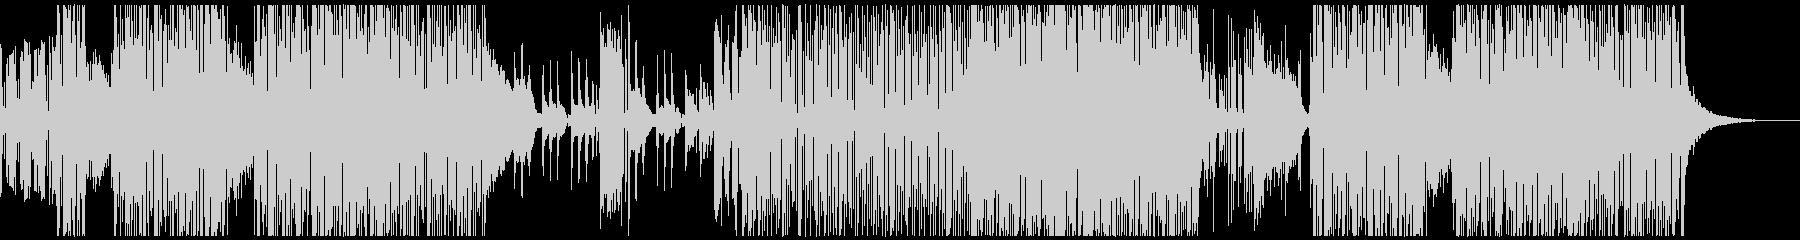 壮大 和風ピアノオーケストラ曲の未再生の波形